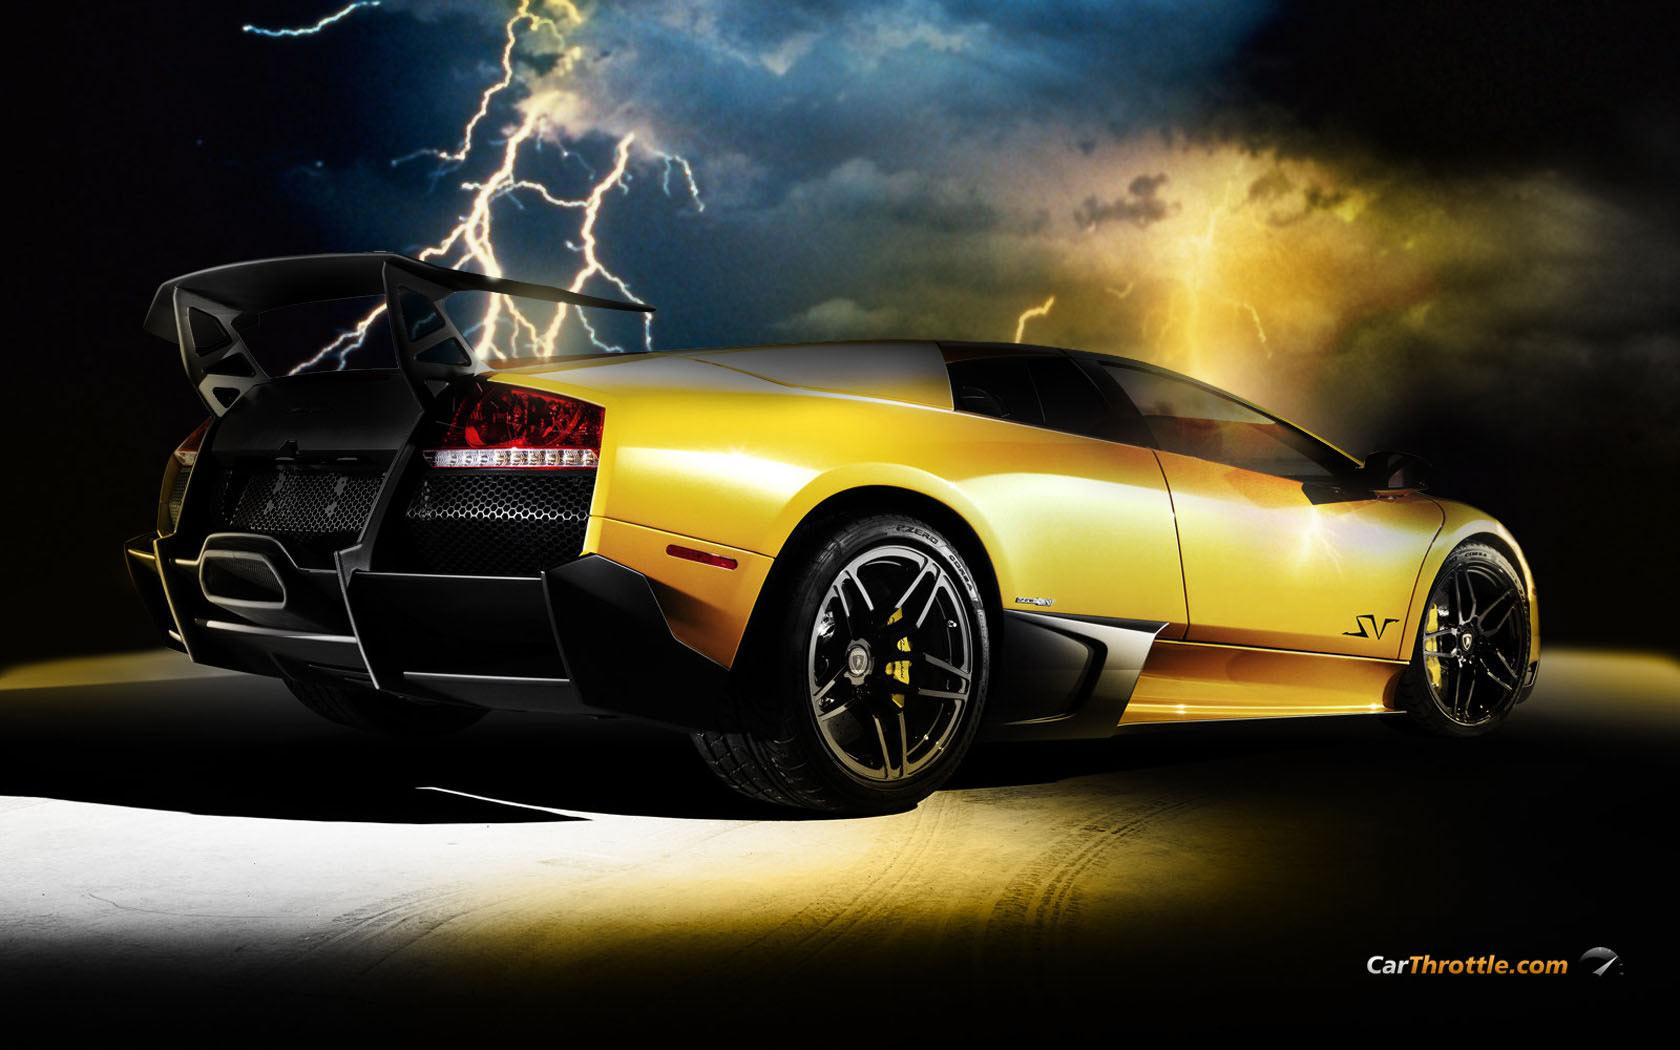 Lamborghini Van Wallpaper Wallpapers Lamborghini Wallpapers 1680x1050